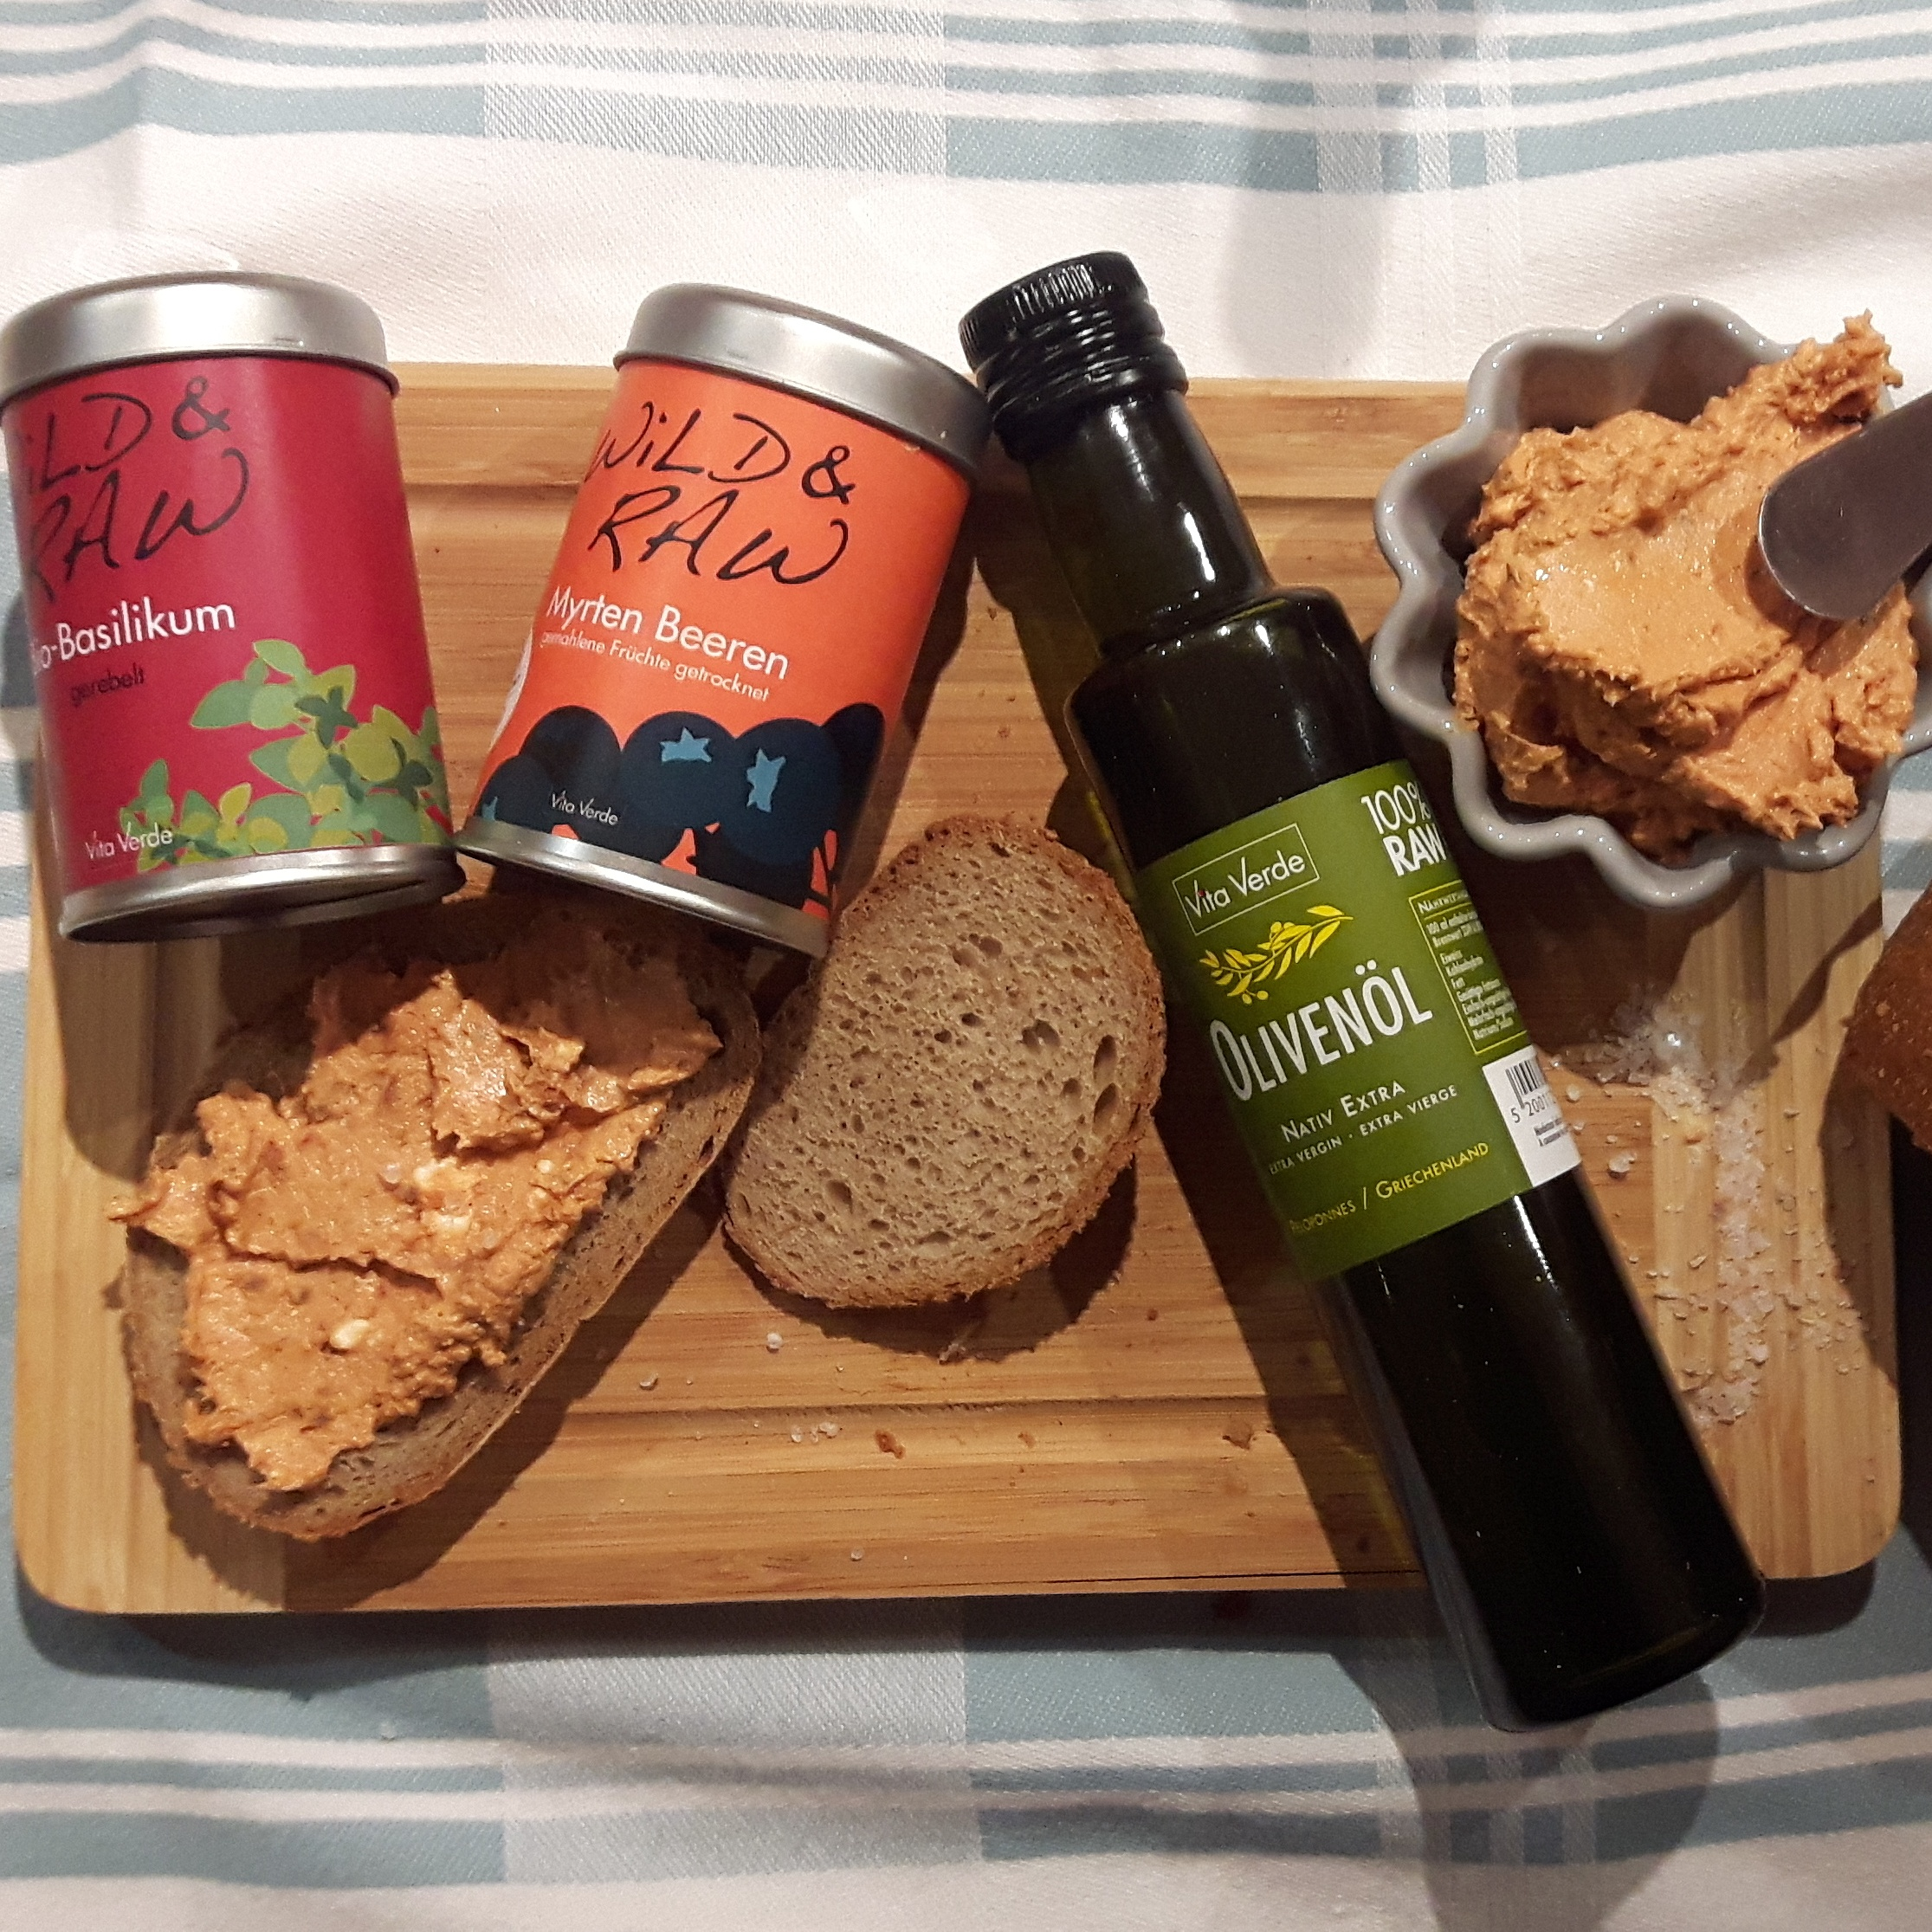 vita verde instagram  yvonne oelsner  brotauftrich rezept   bloggerin rezept  planetbox  du entscheidest   olivenöl  köln  hamburg  berlin  rohkost rezept